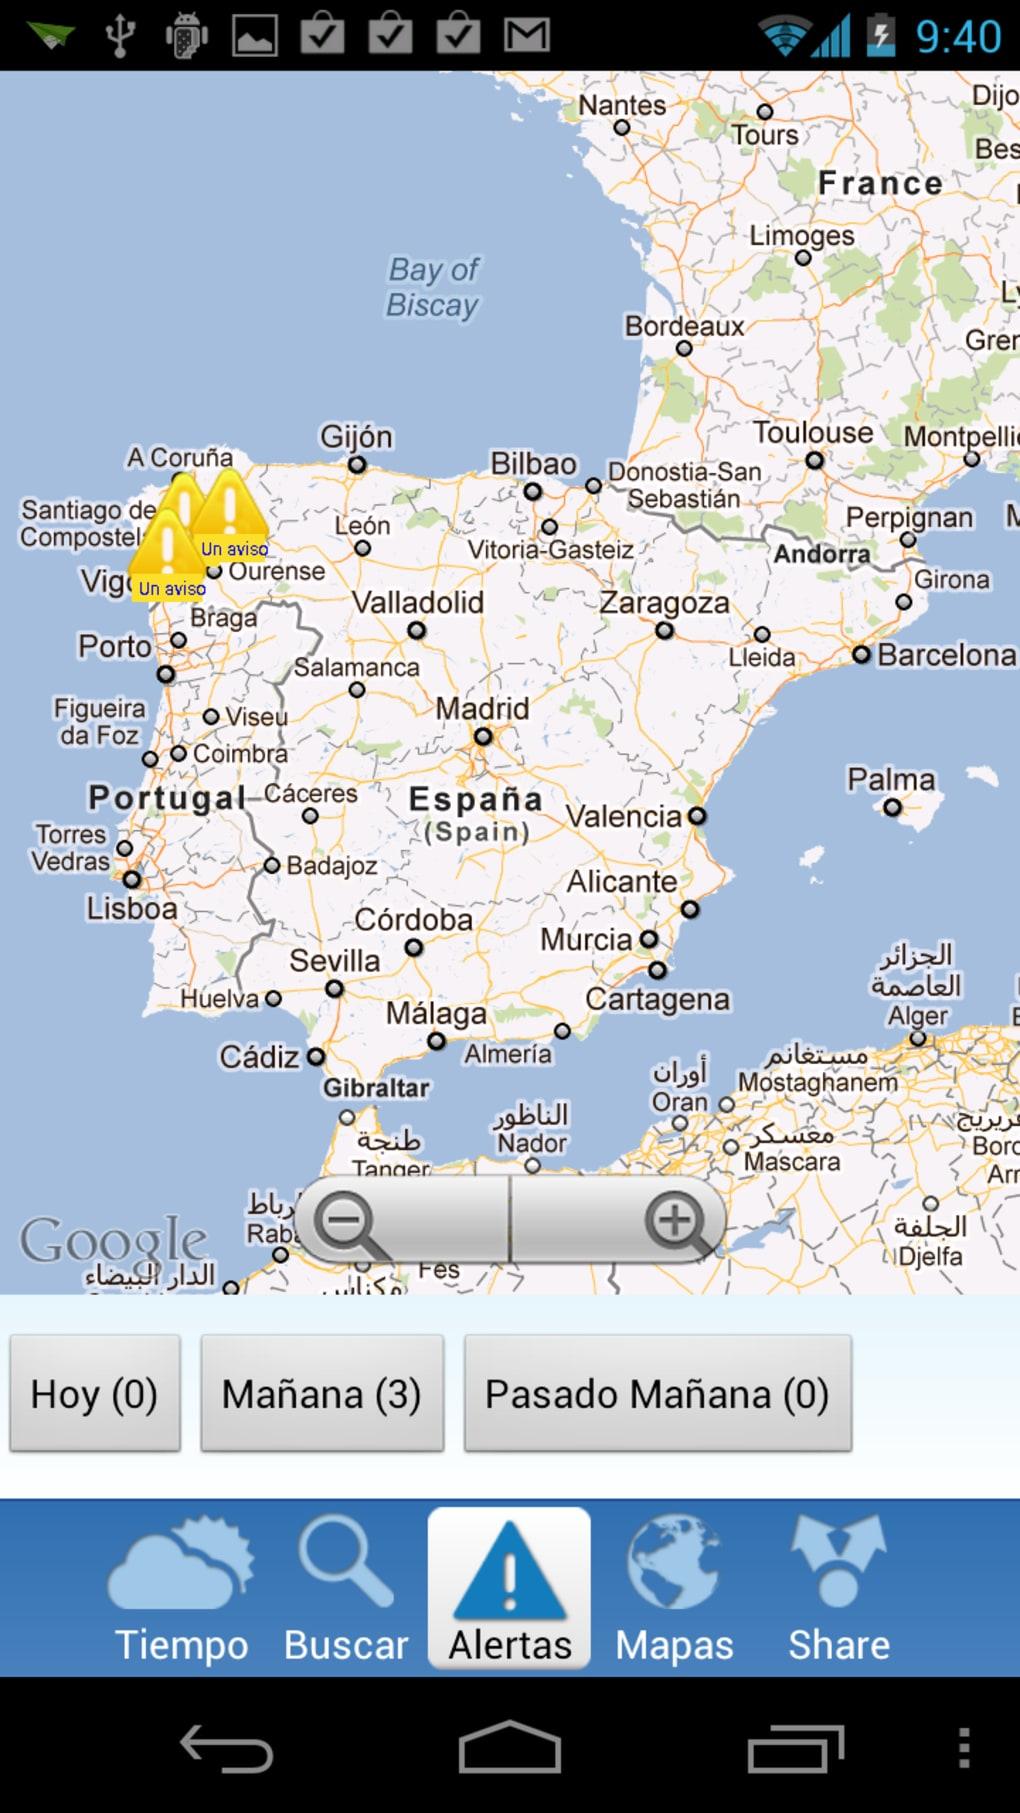 La predicción del tiempo para hoy en España